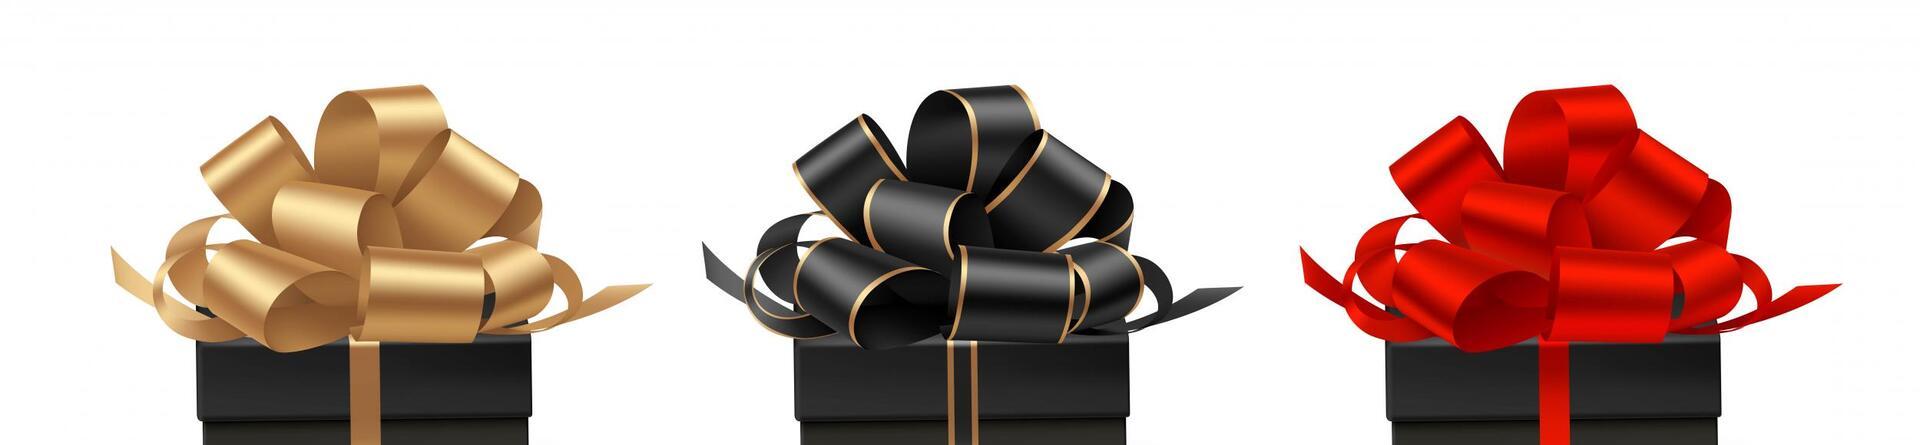 hotelnautiluspesaro en gift-voucher 008